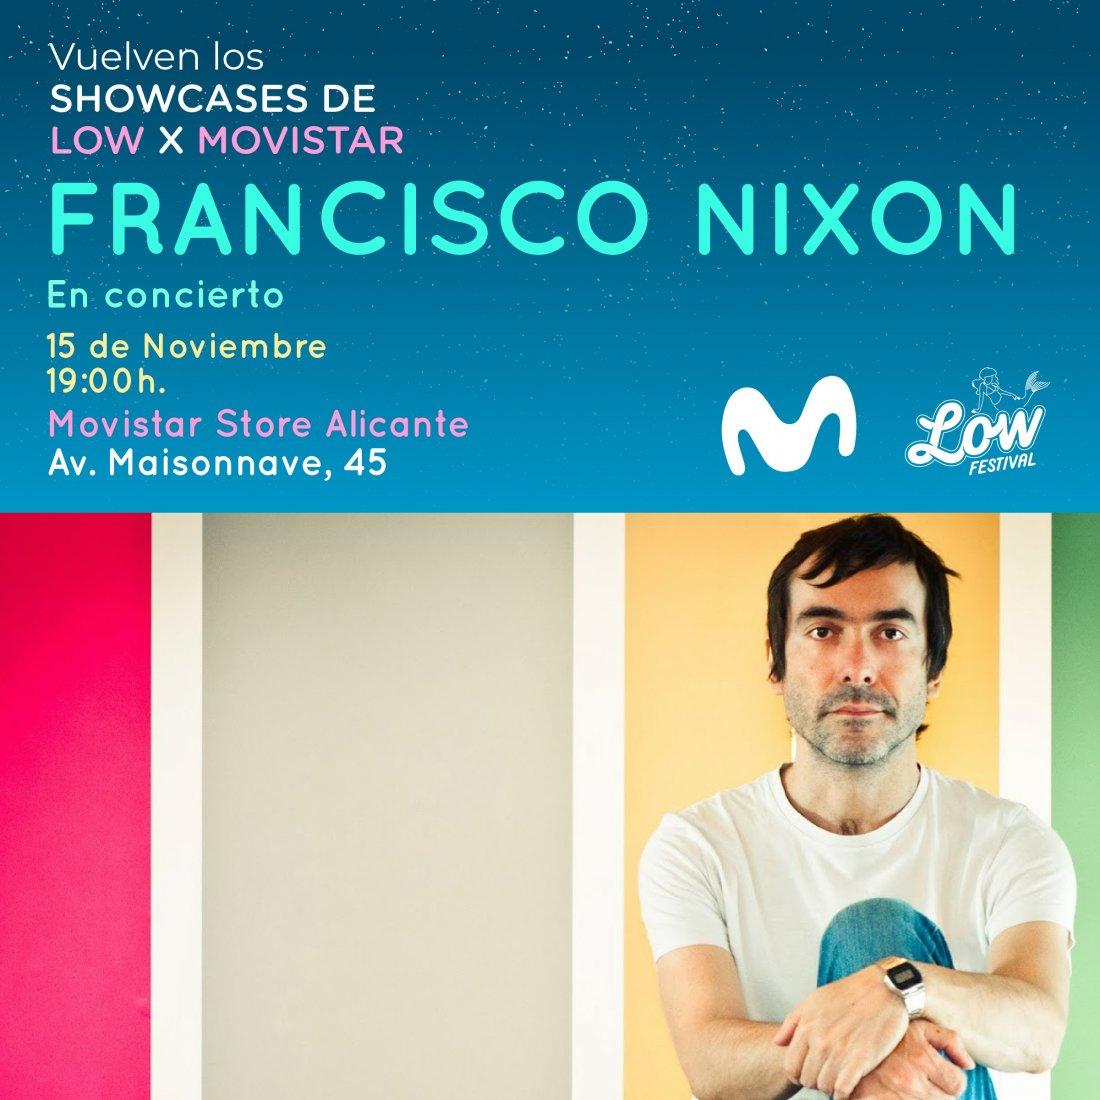 Francisco Nixon y Lois calientan el otoño en los Showcases de Low Festival x Movistar en MÚSICA